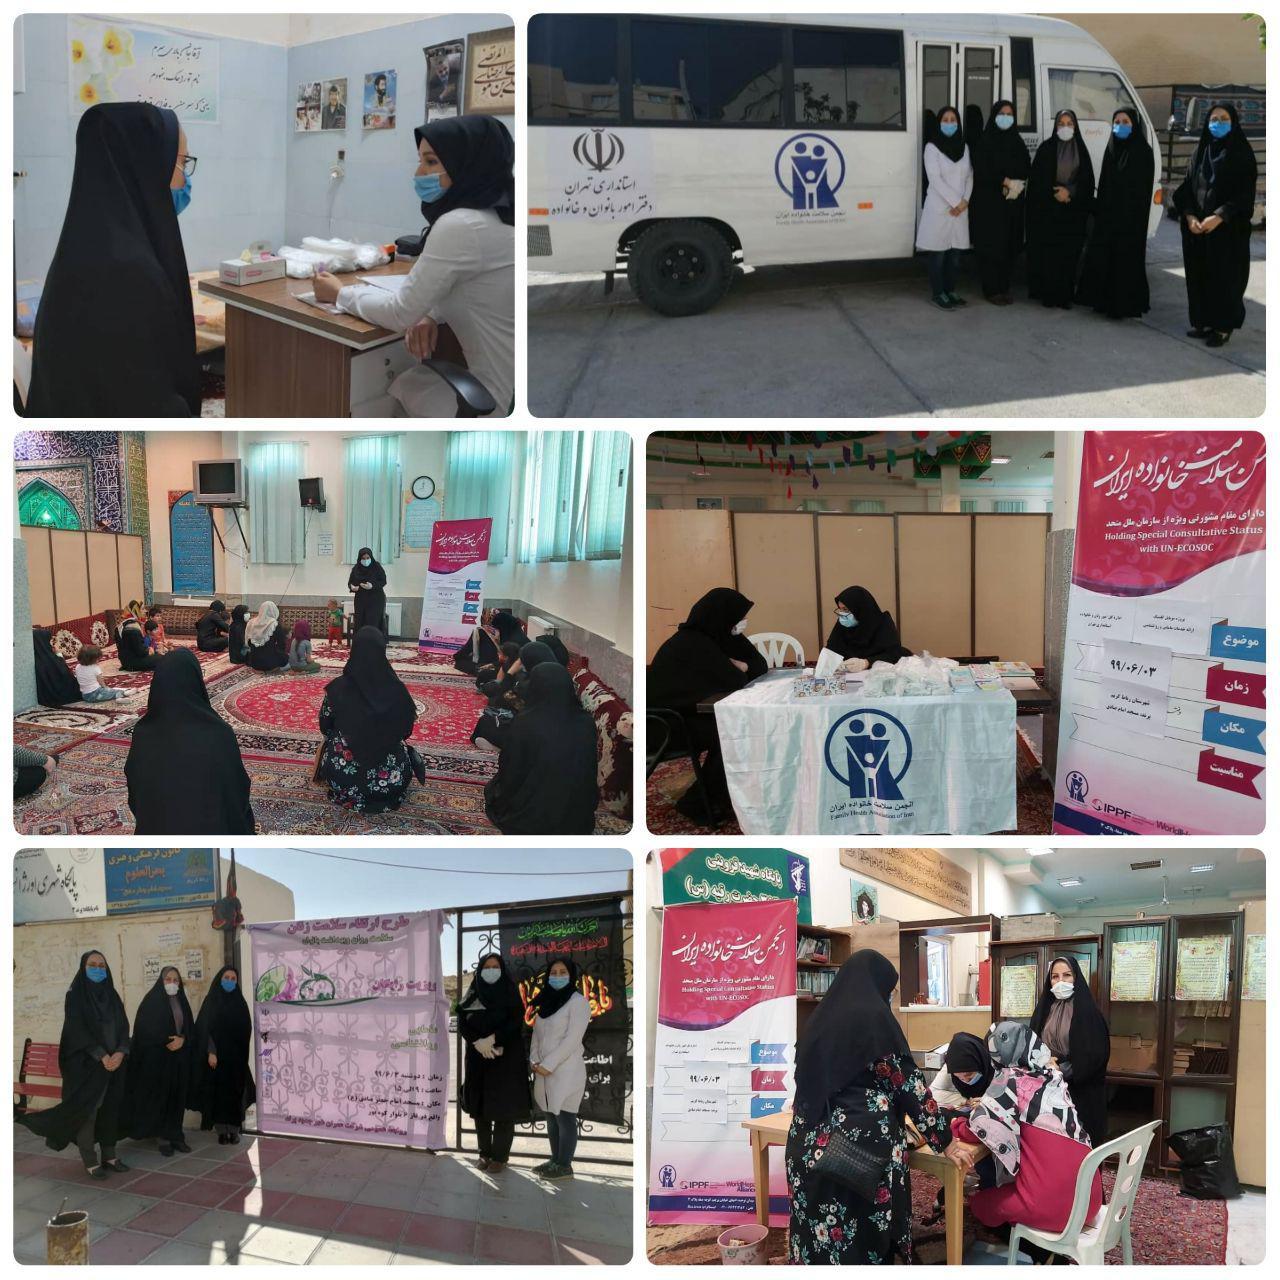 اجرای طرح ارتقا سلامت بانوان در مسجد امام صادق (ع) شهر پرند